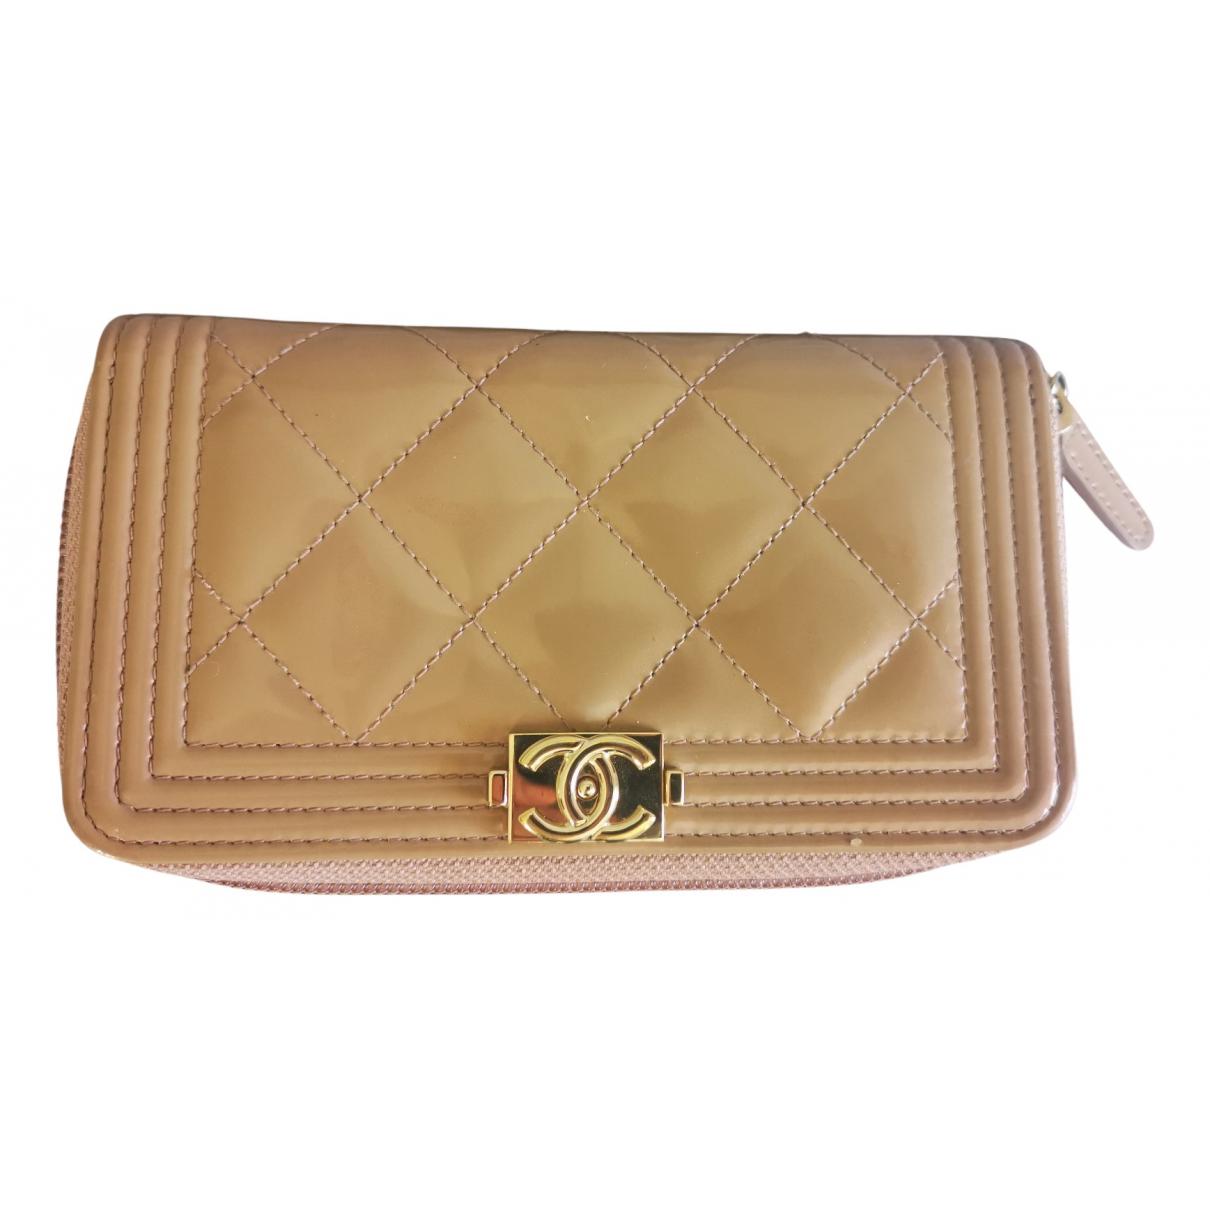 Chanel Boy Beige Patent leather wallet for Women N